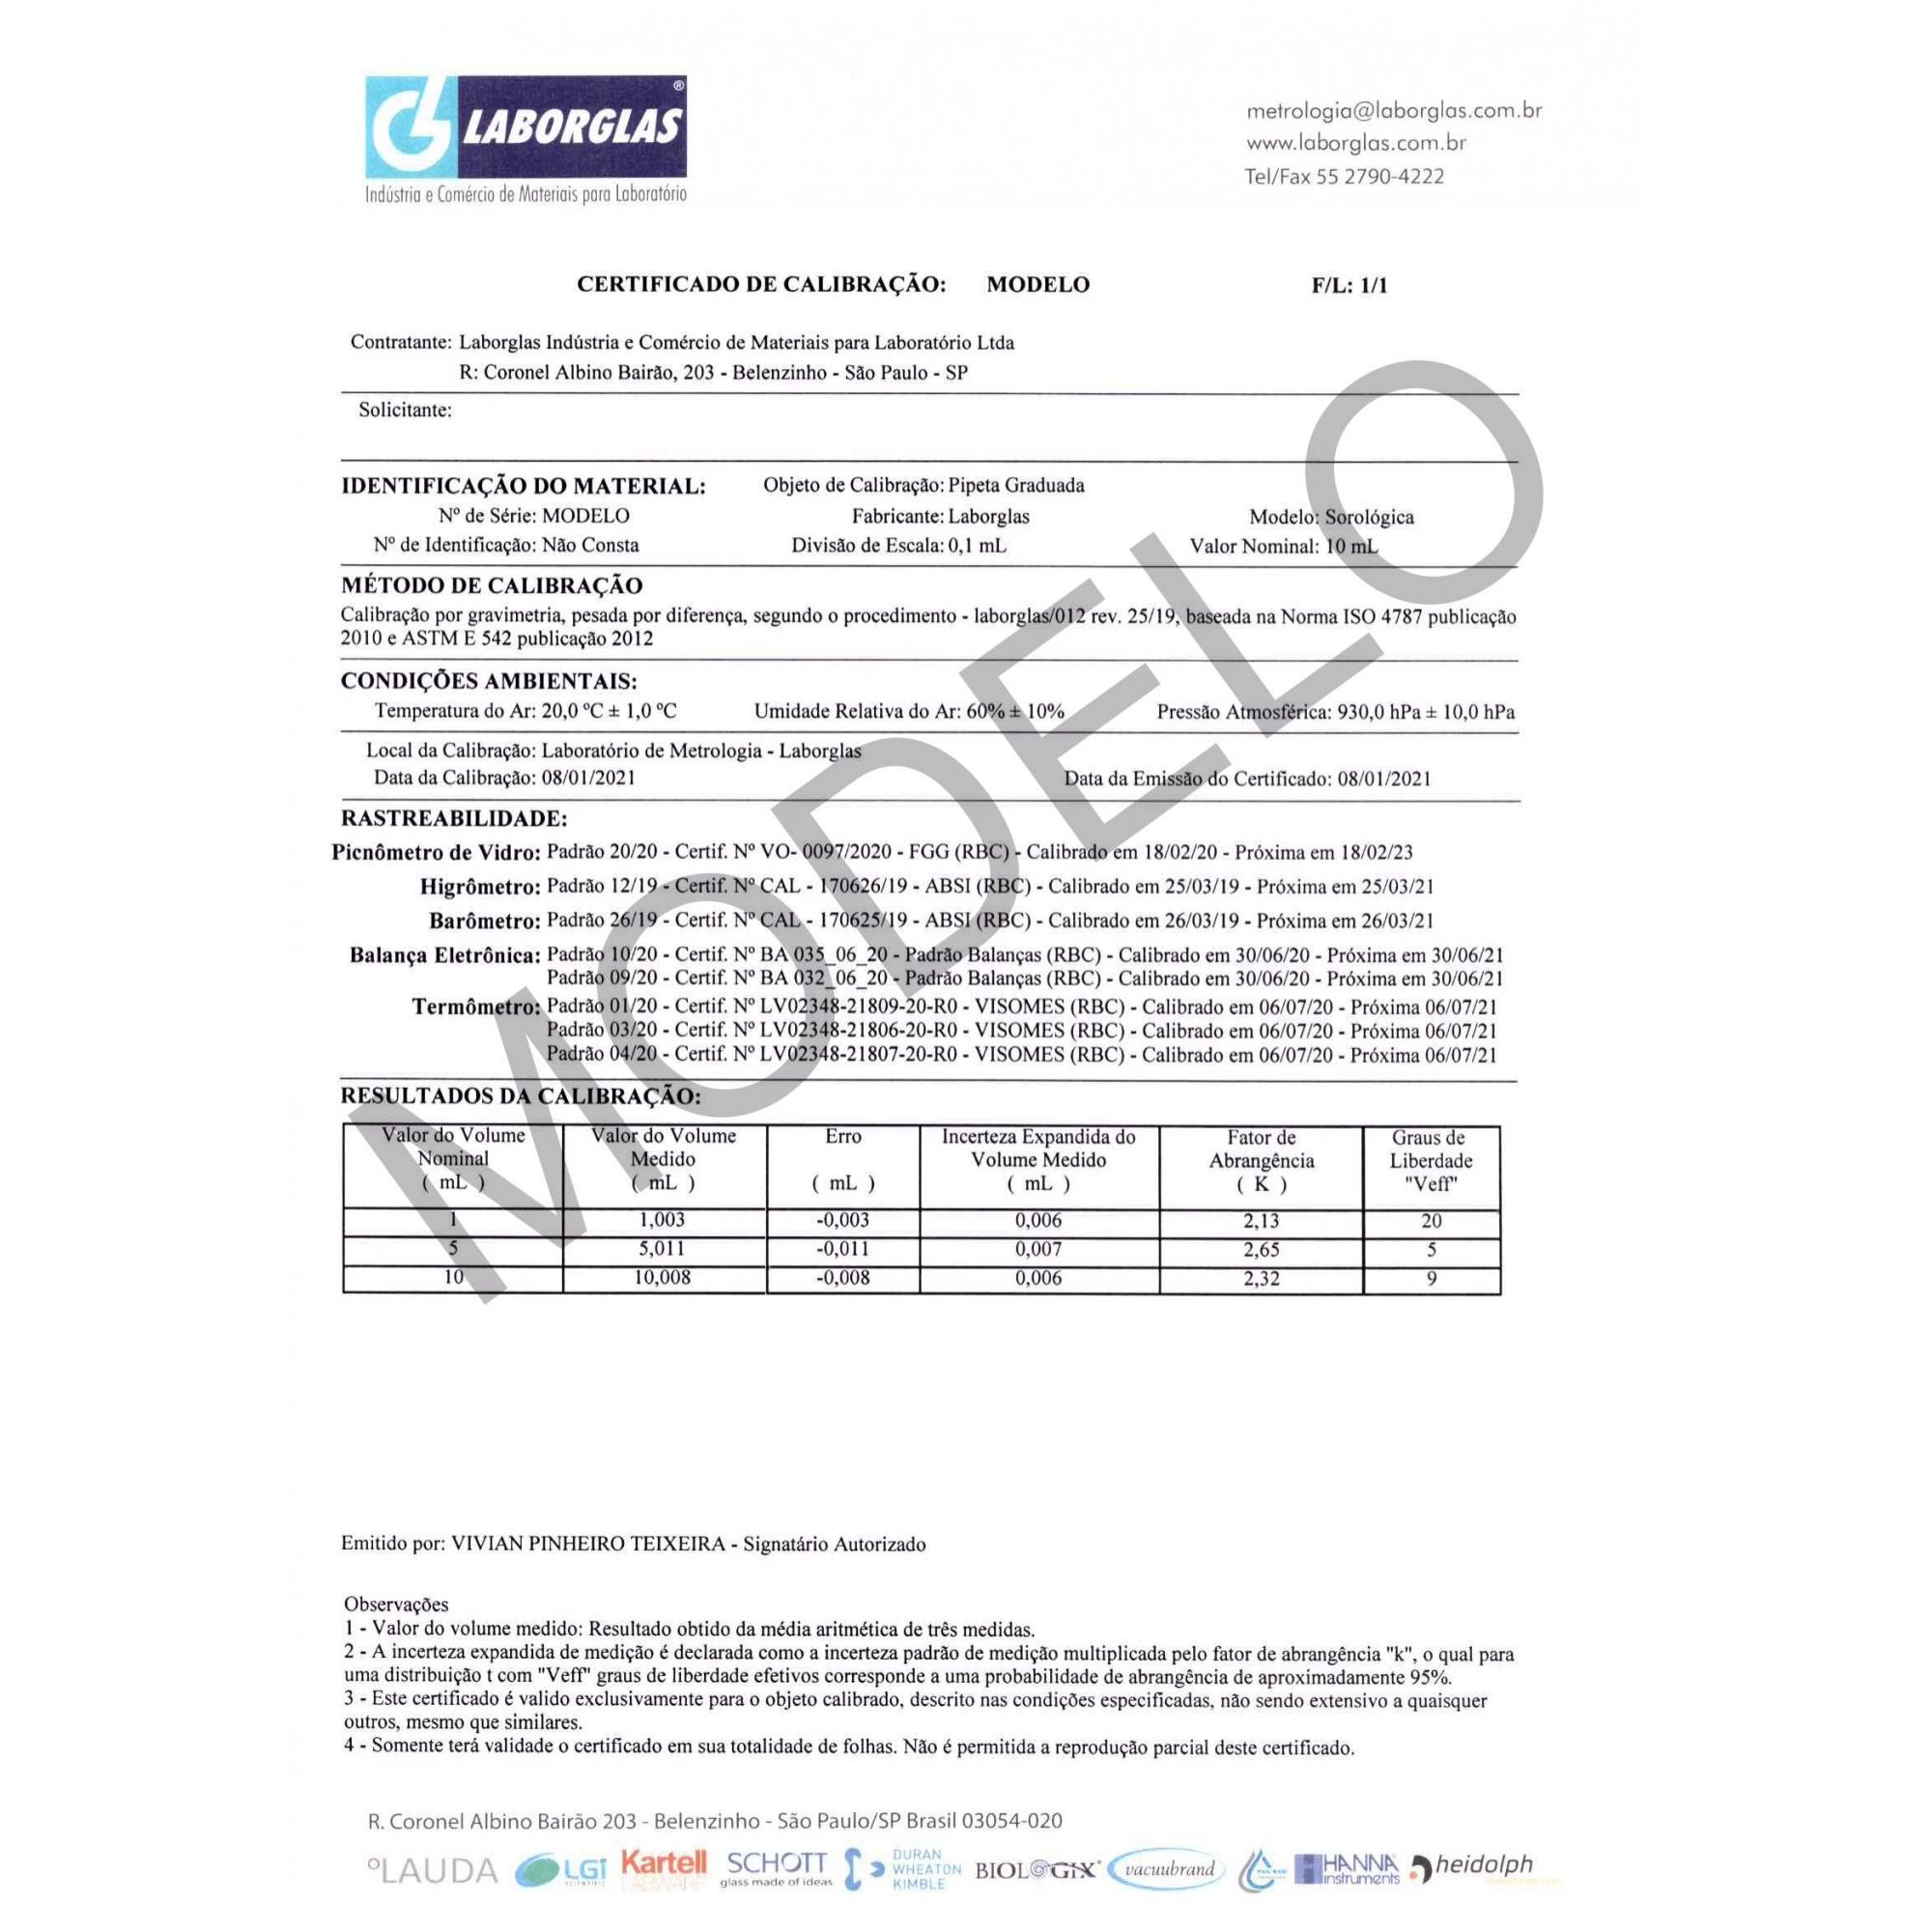 PIPETA GRADUADA SOROLÓGICA ESGOTOTAMENTO TOTAL 10 ML 1/10 CLASSE A COM CERTIFICADO RASTREÁVEL - Laborglas - Cód. 9443611-C